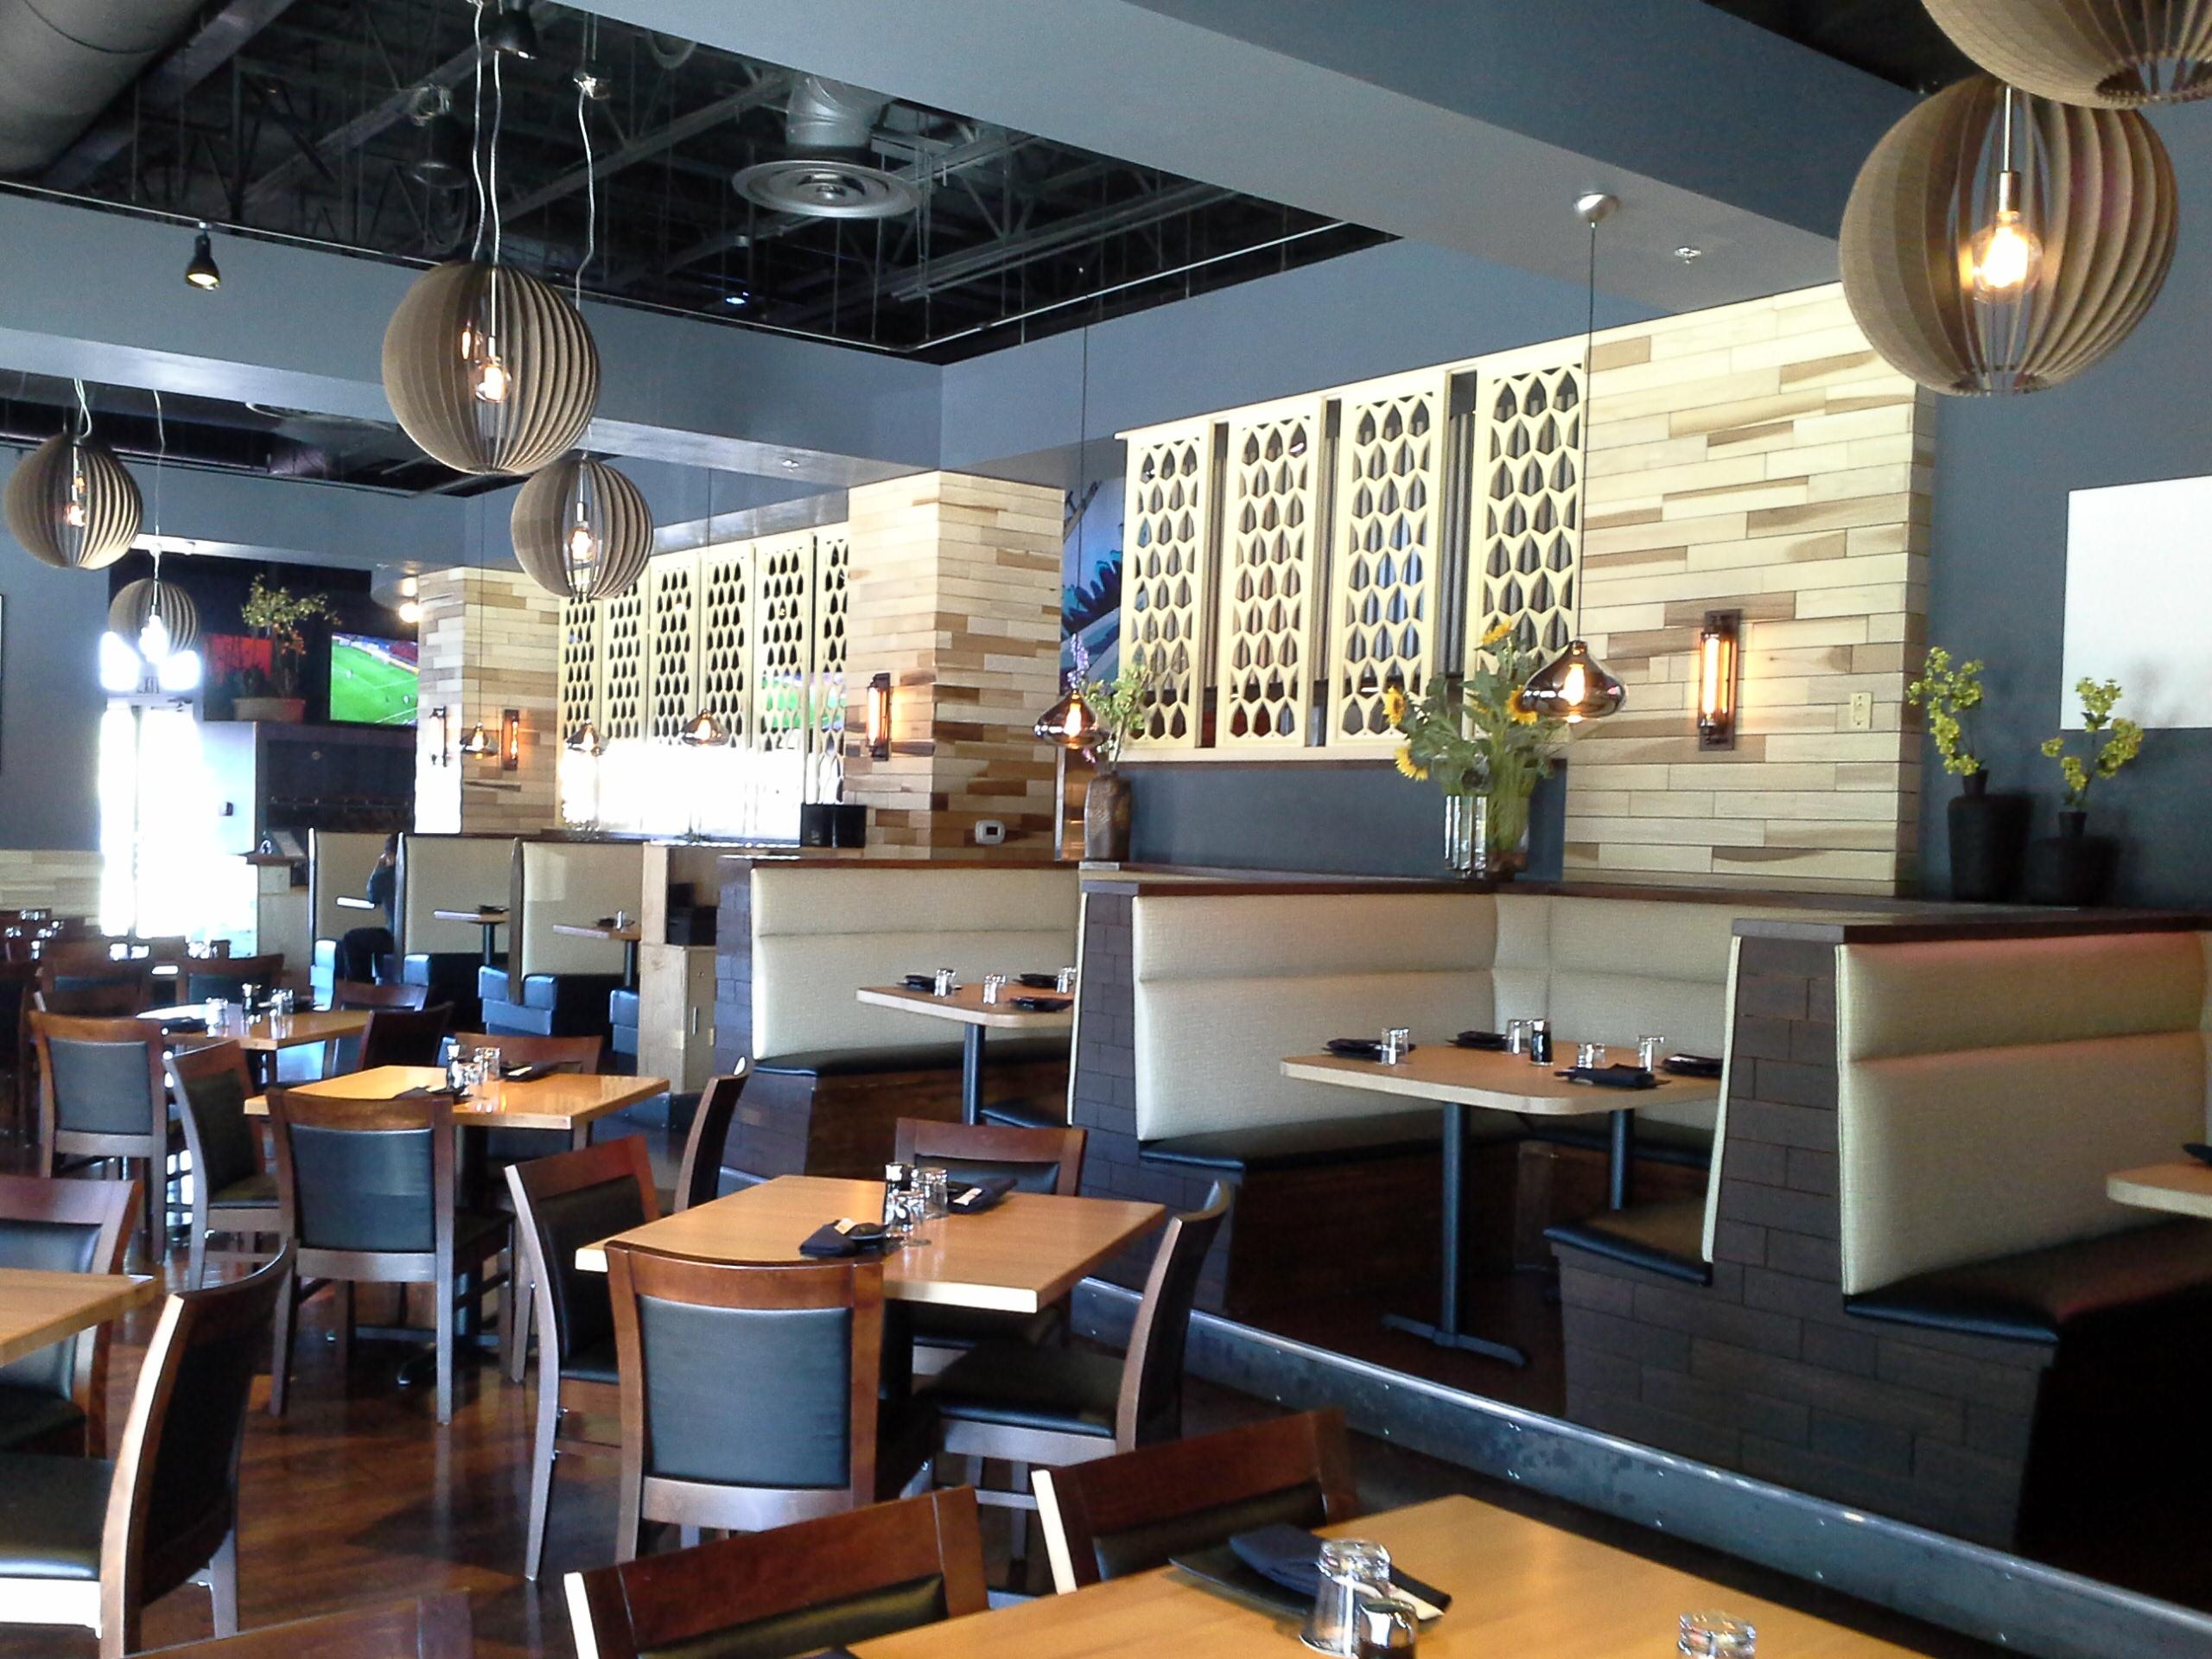 Restaurant Furniture Deerfield Il : Dao sushi restaurant in deerfield il